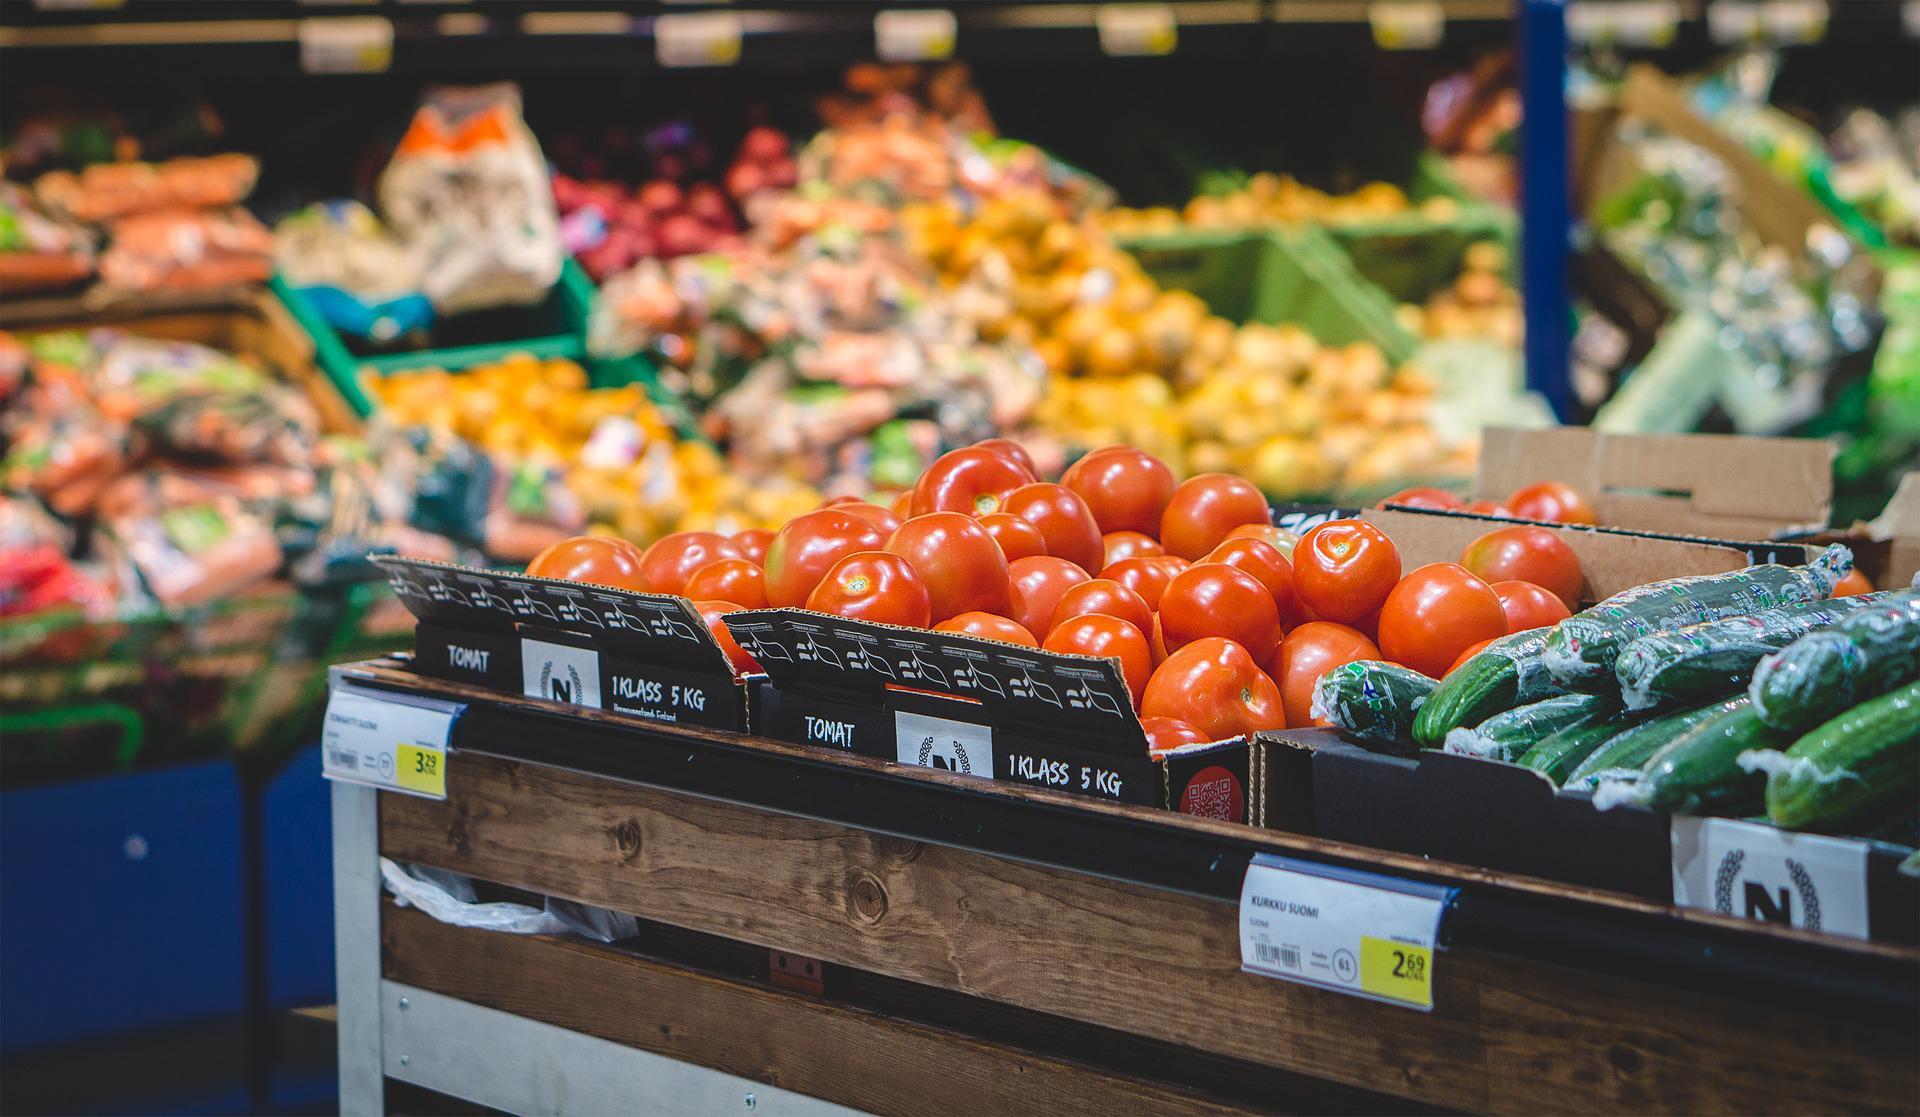 Niedziela handlowa 2020. Czy 26 kwietnia sklepy będą otwarte? - Super Express